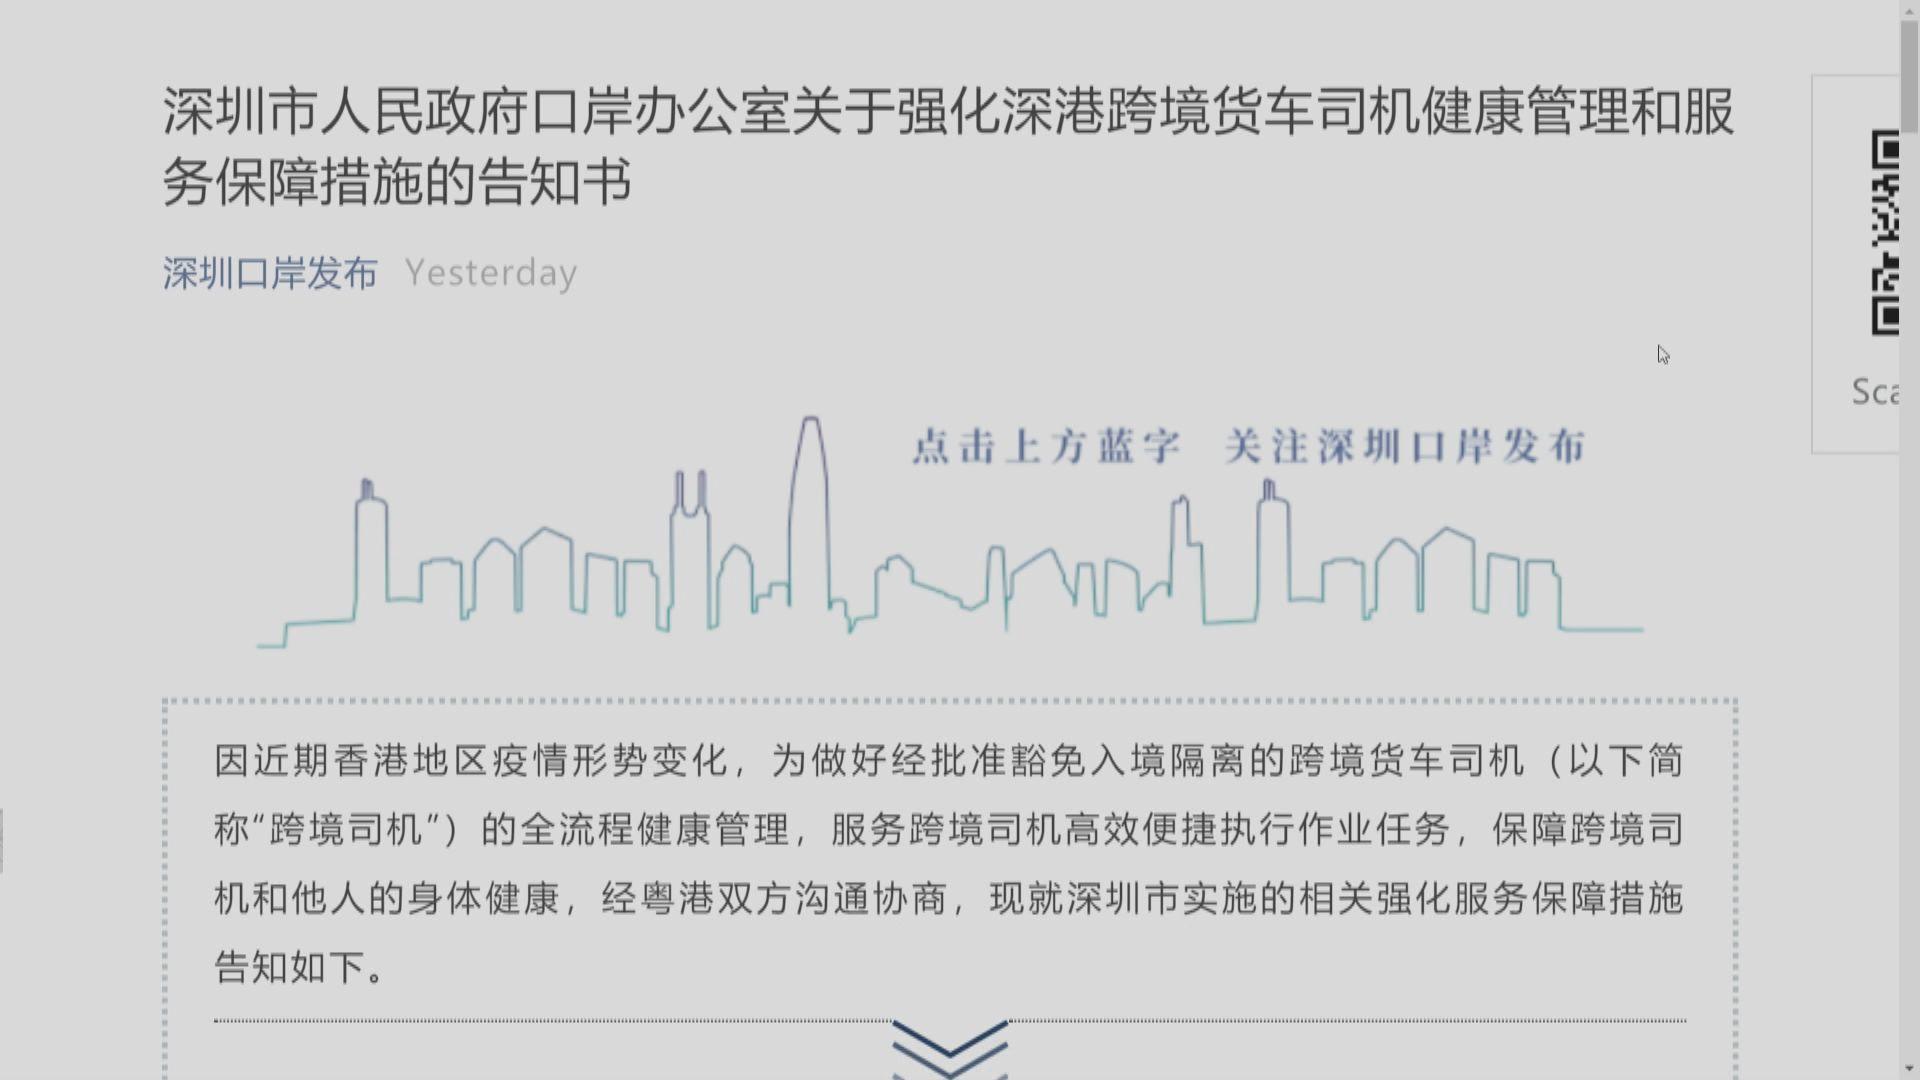 深圳明日起強化跨境貨車司機健康管理